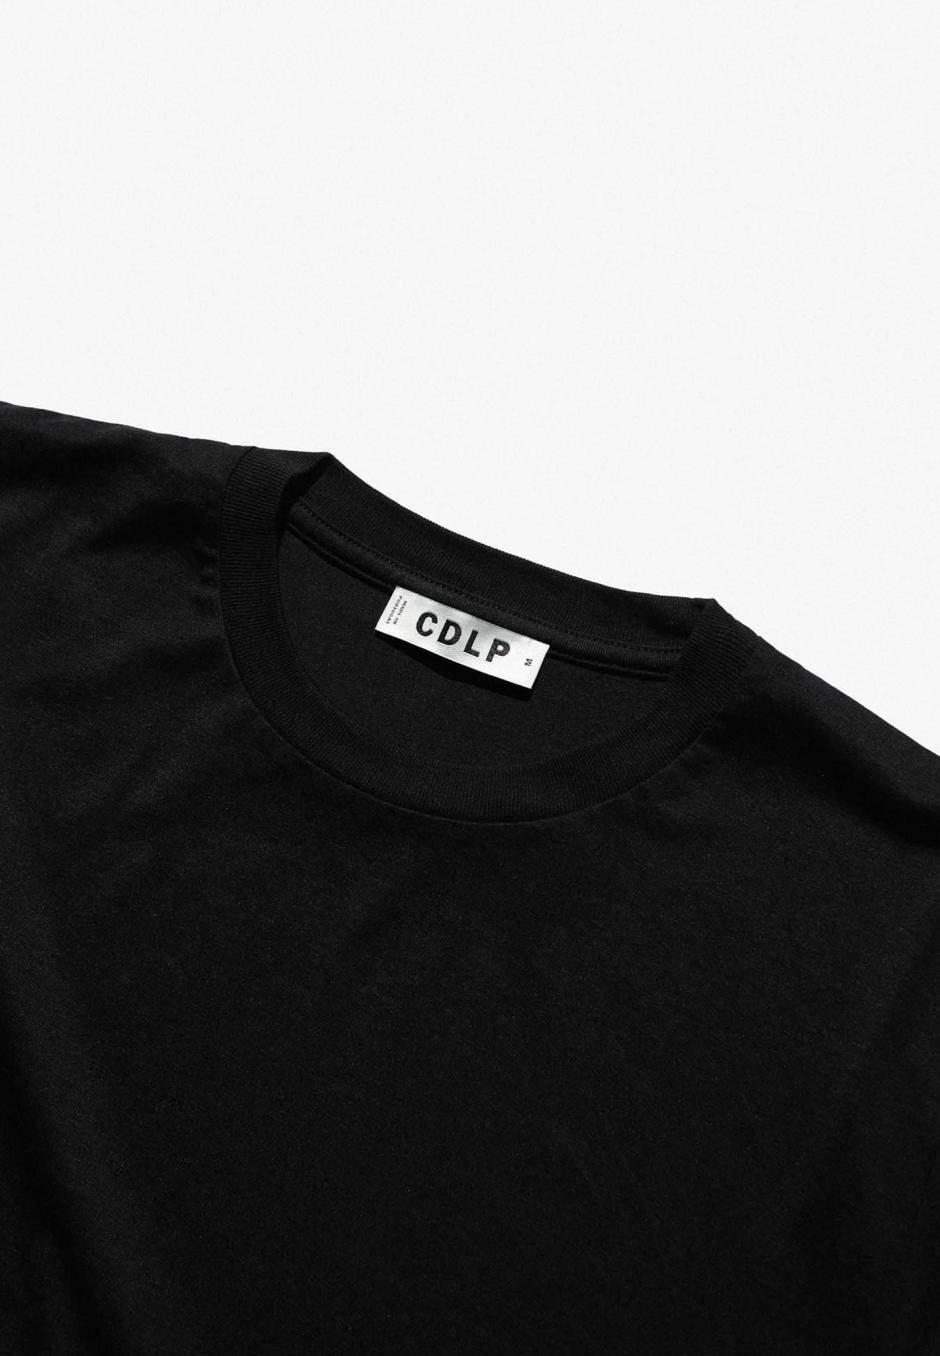 CDLP Crew Neck T-shirt 3-Pack